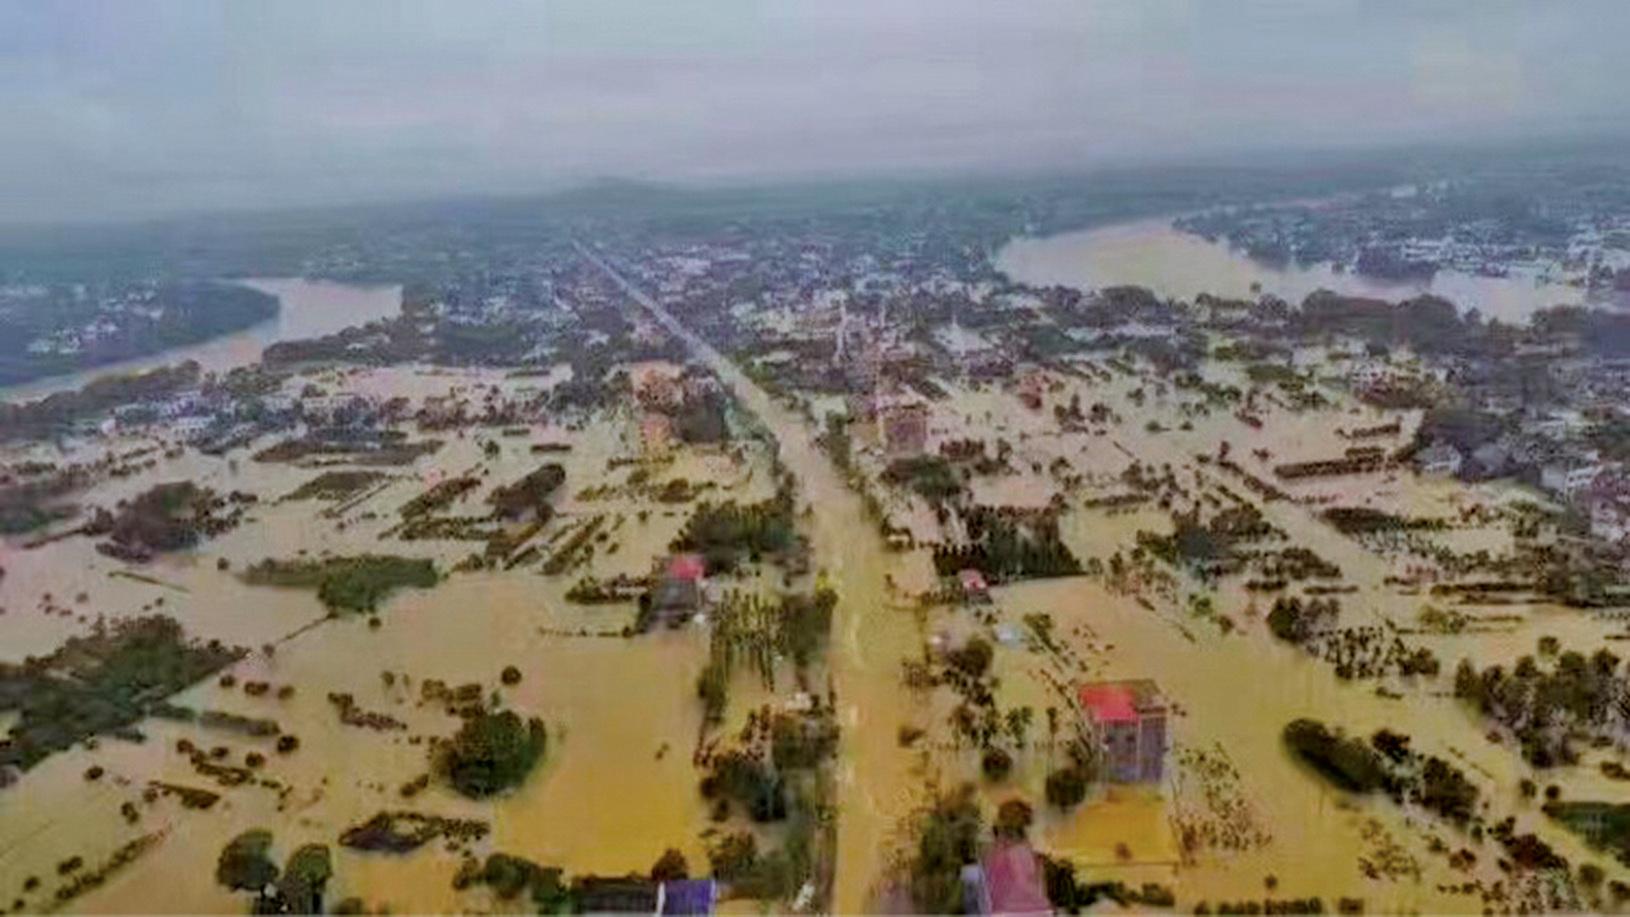 湖南長沙寧鄉有市民表示,由於政府沒有提前通知洩洪,幾乎每一家都損失慘重。「全城失聯,還不知道裏面怎麼樣。」「這不是天災,主要是人禍。」(網絡圖片)